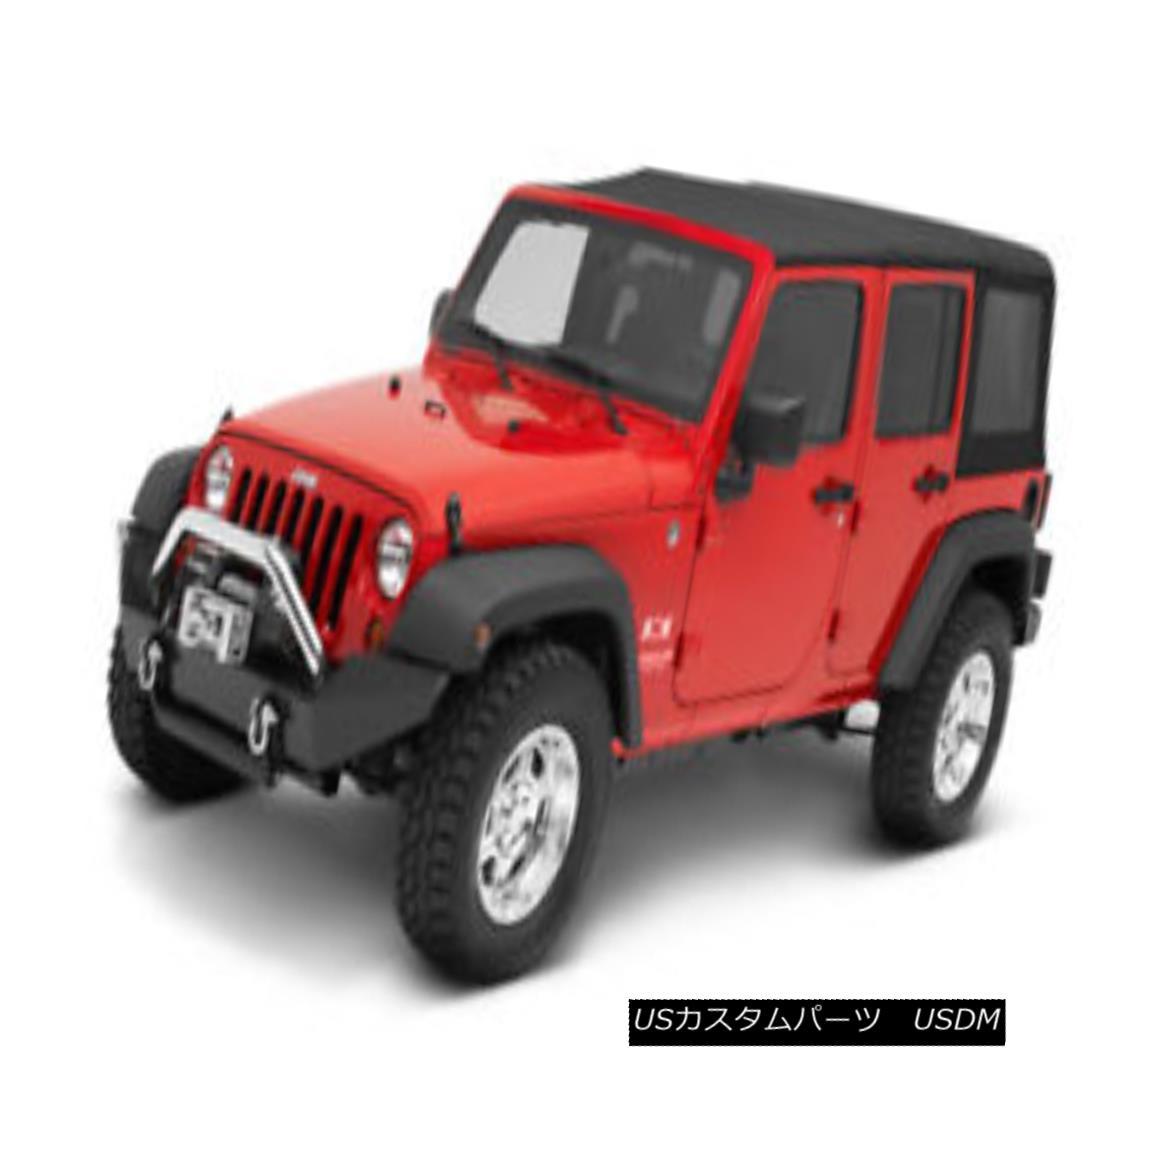 幌・ソフトトップ Bestop 79847-17 Jeep Replace-a-Top Soft Top Black Twill Bestop 79847-17 Jeep Replace-a-Topソフトトップブラックツイル